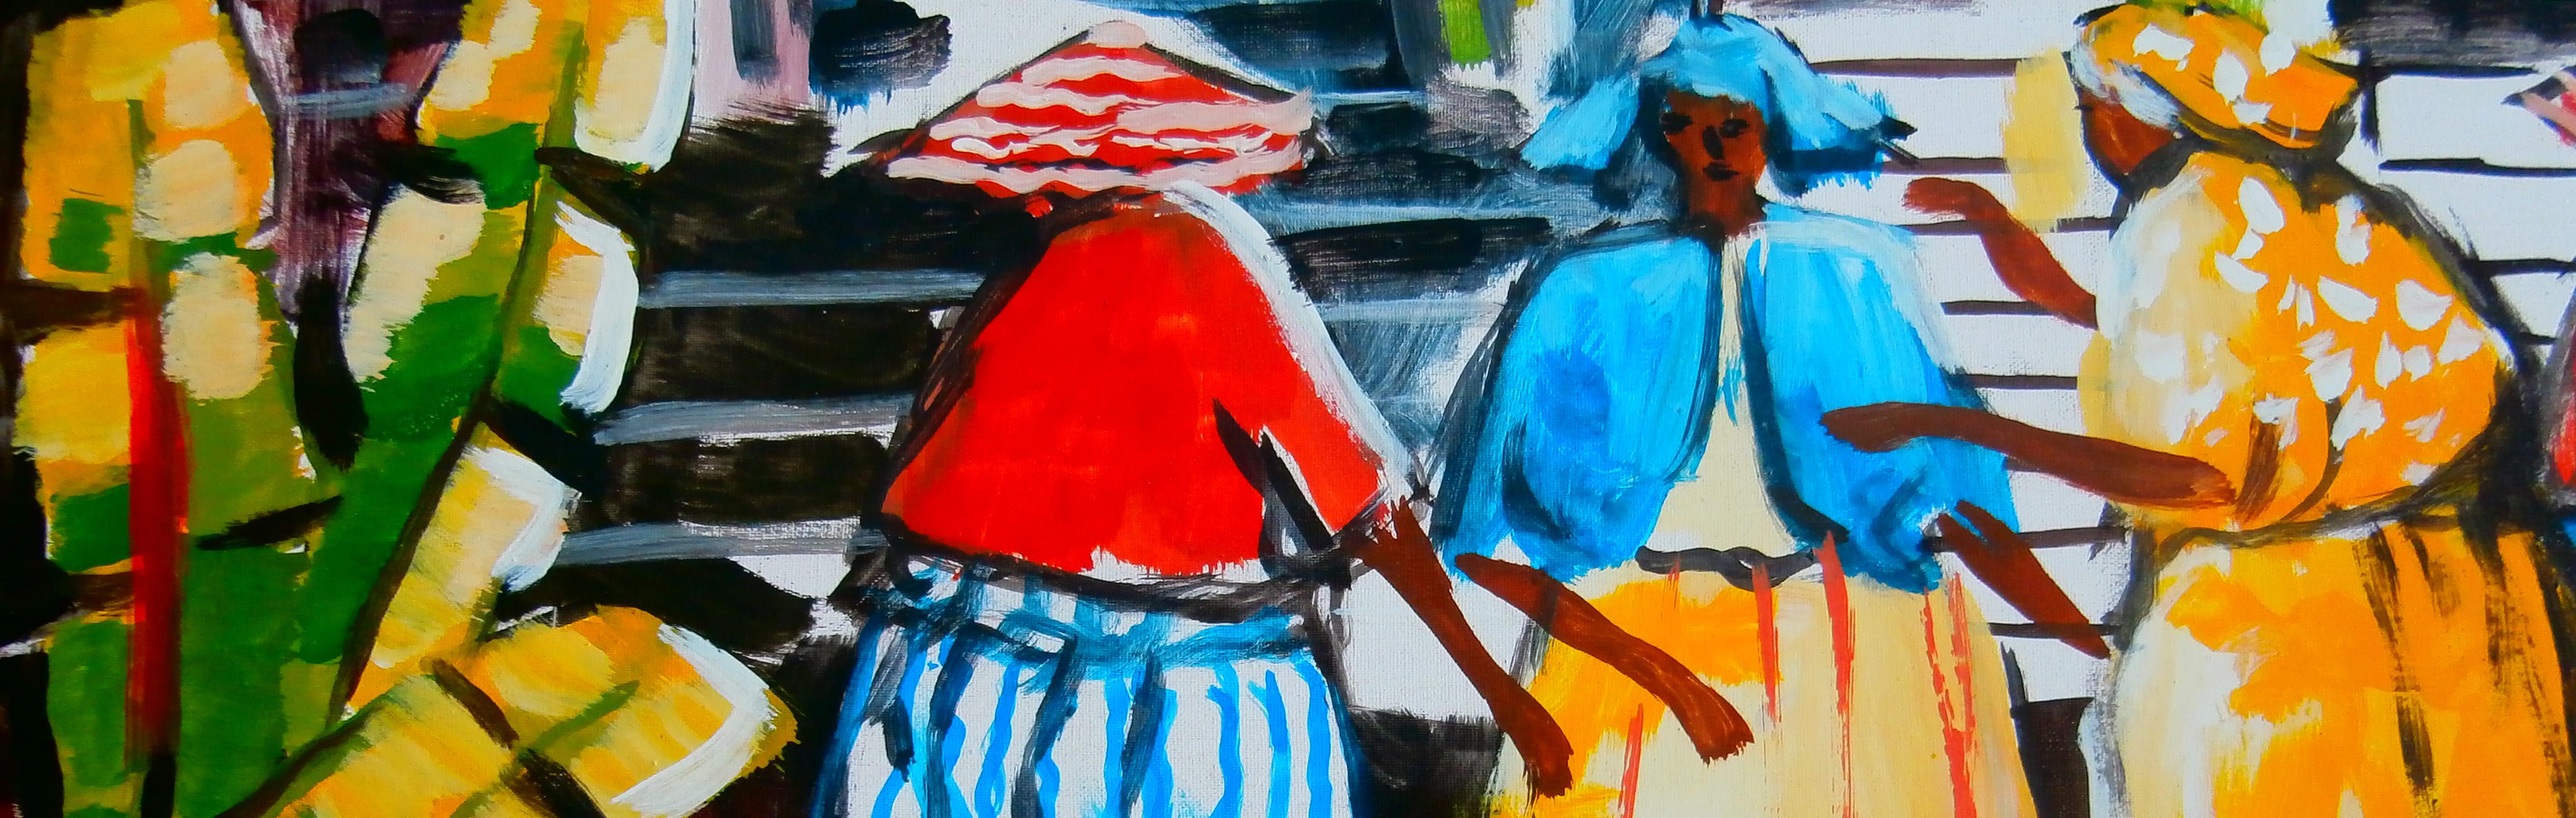 Stichting Prefuru Surinaamse vrouwen Rotterdam